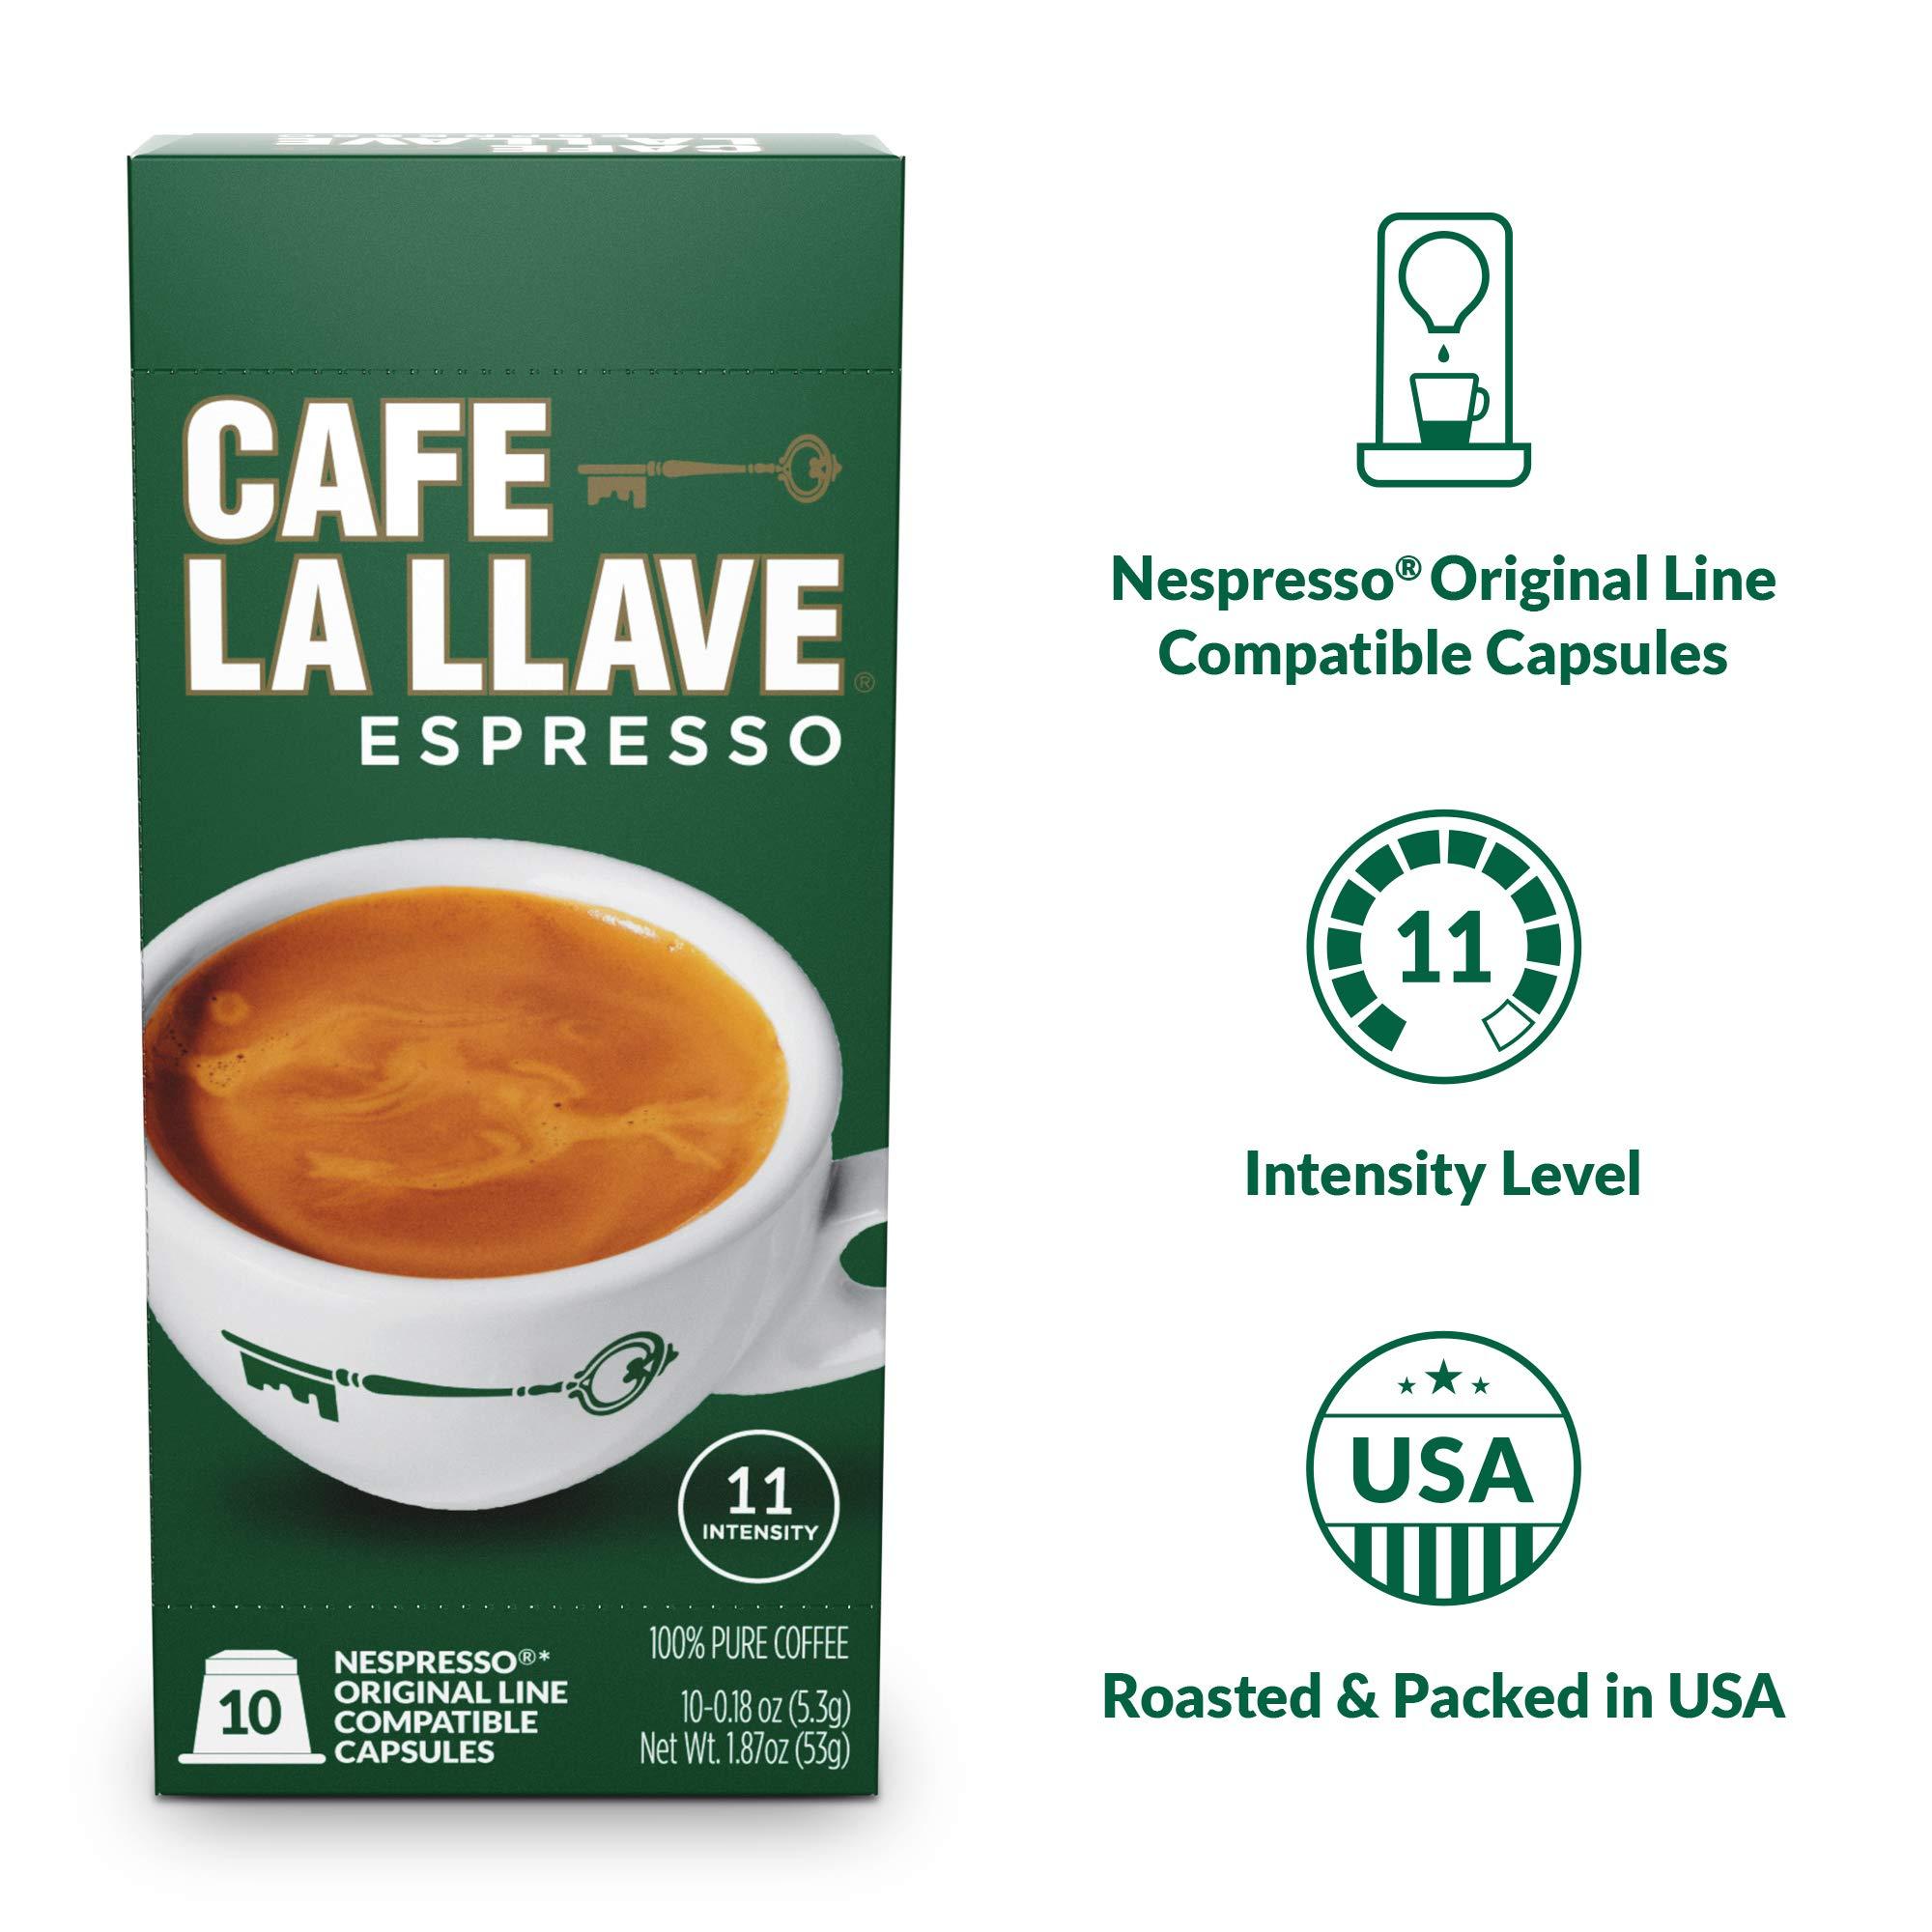 Café La Llave Espresso Capsules, Intensity 11 (80 Pods) Compatible with Nespresso OriginalLine Machines, Single Cup Coffee by Cafe La Llave (Image #4)